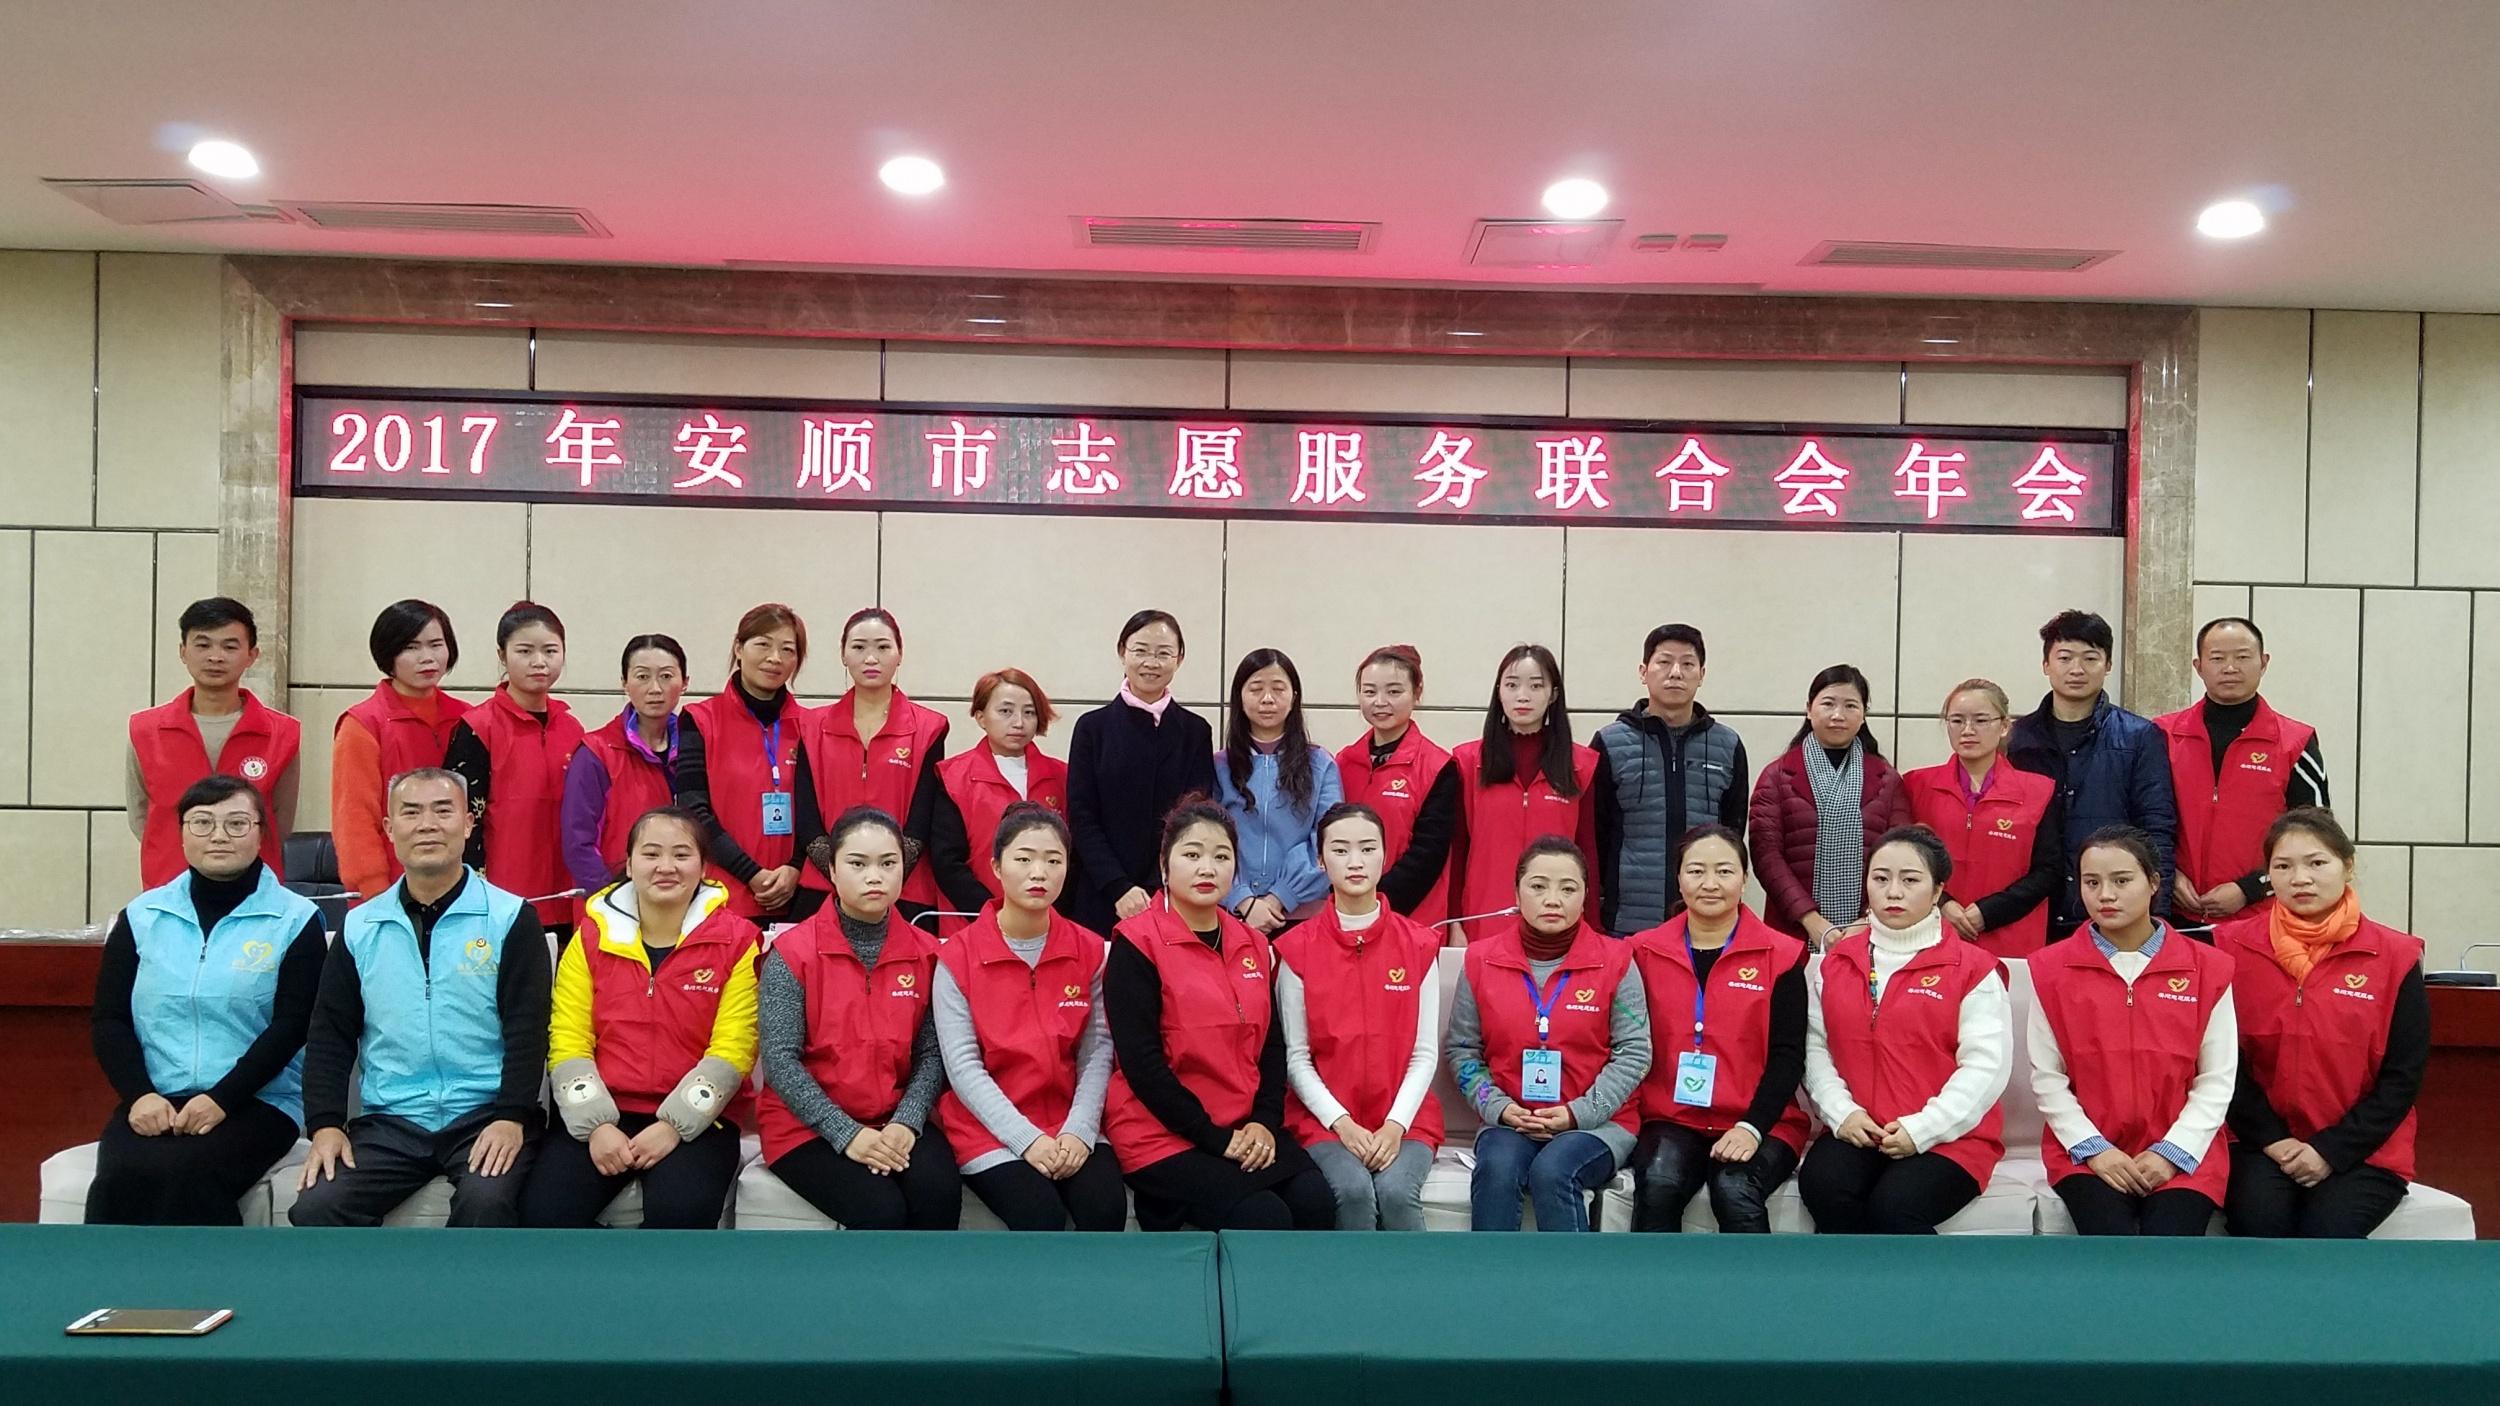 十二月:服务最美志愿服务授奖仪式(陈发琳 市爱心义工社)